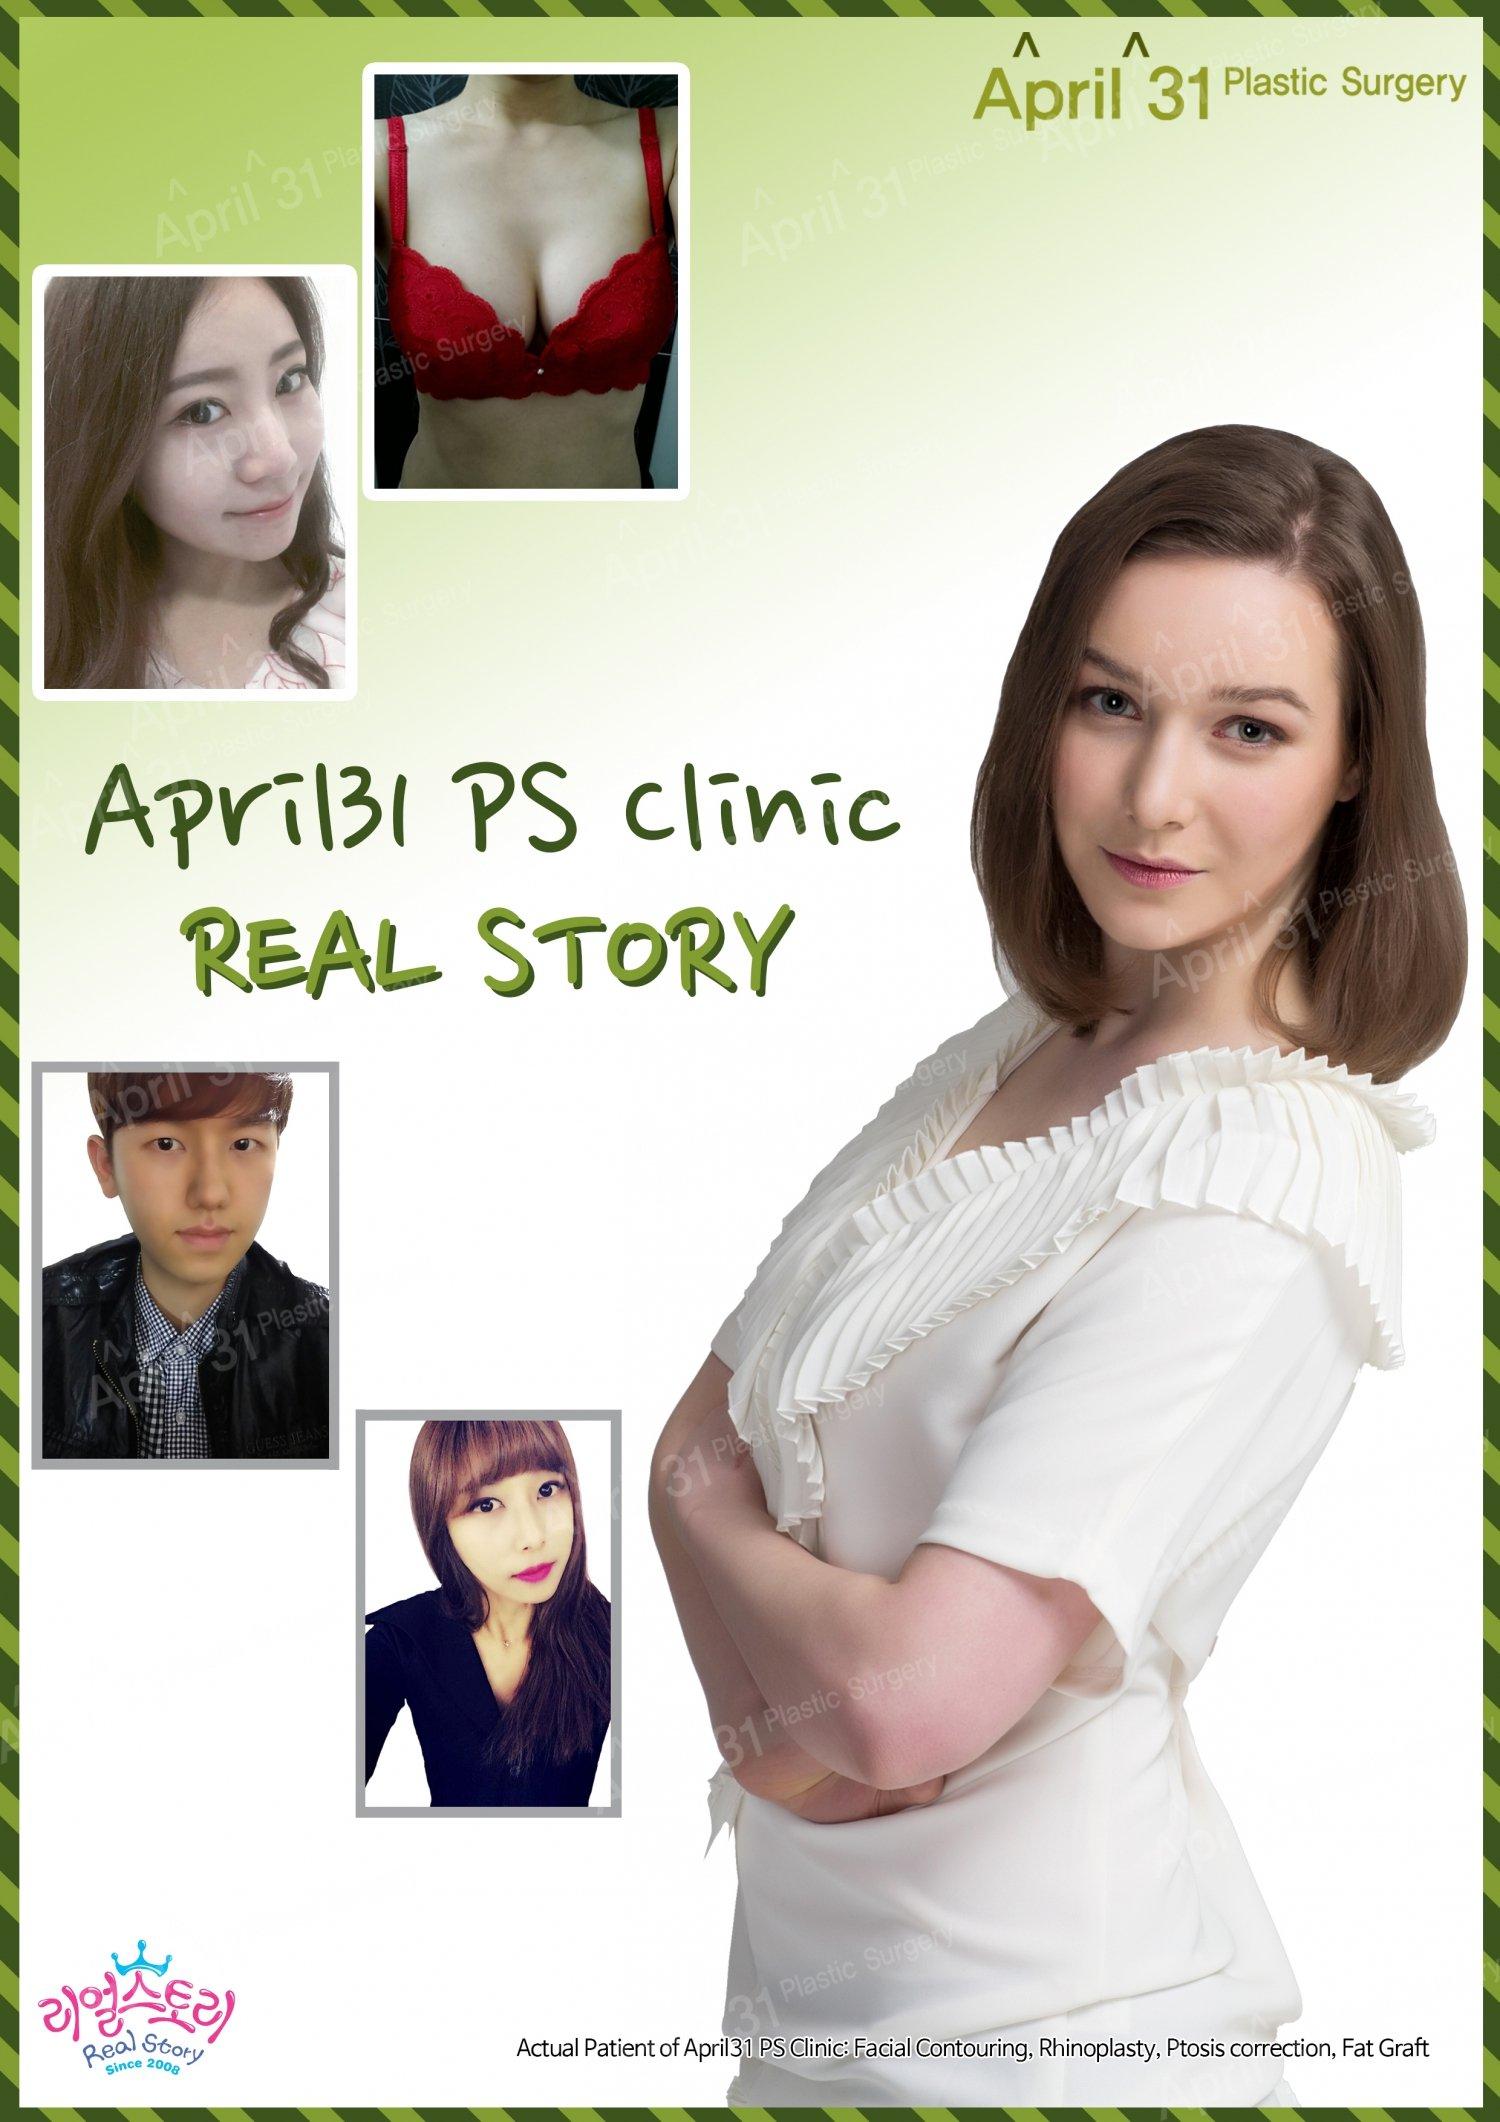 April 31 Plastic Surgery Clinic